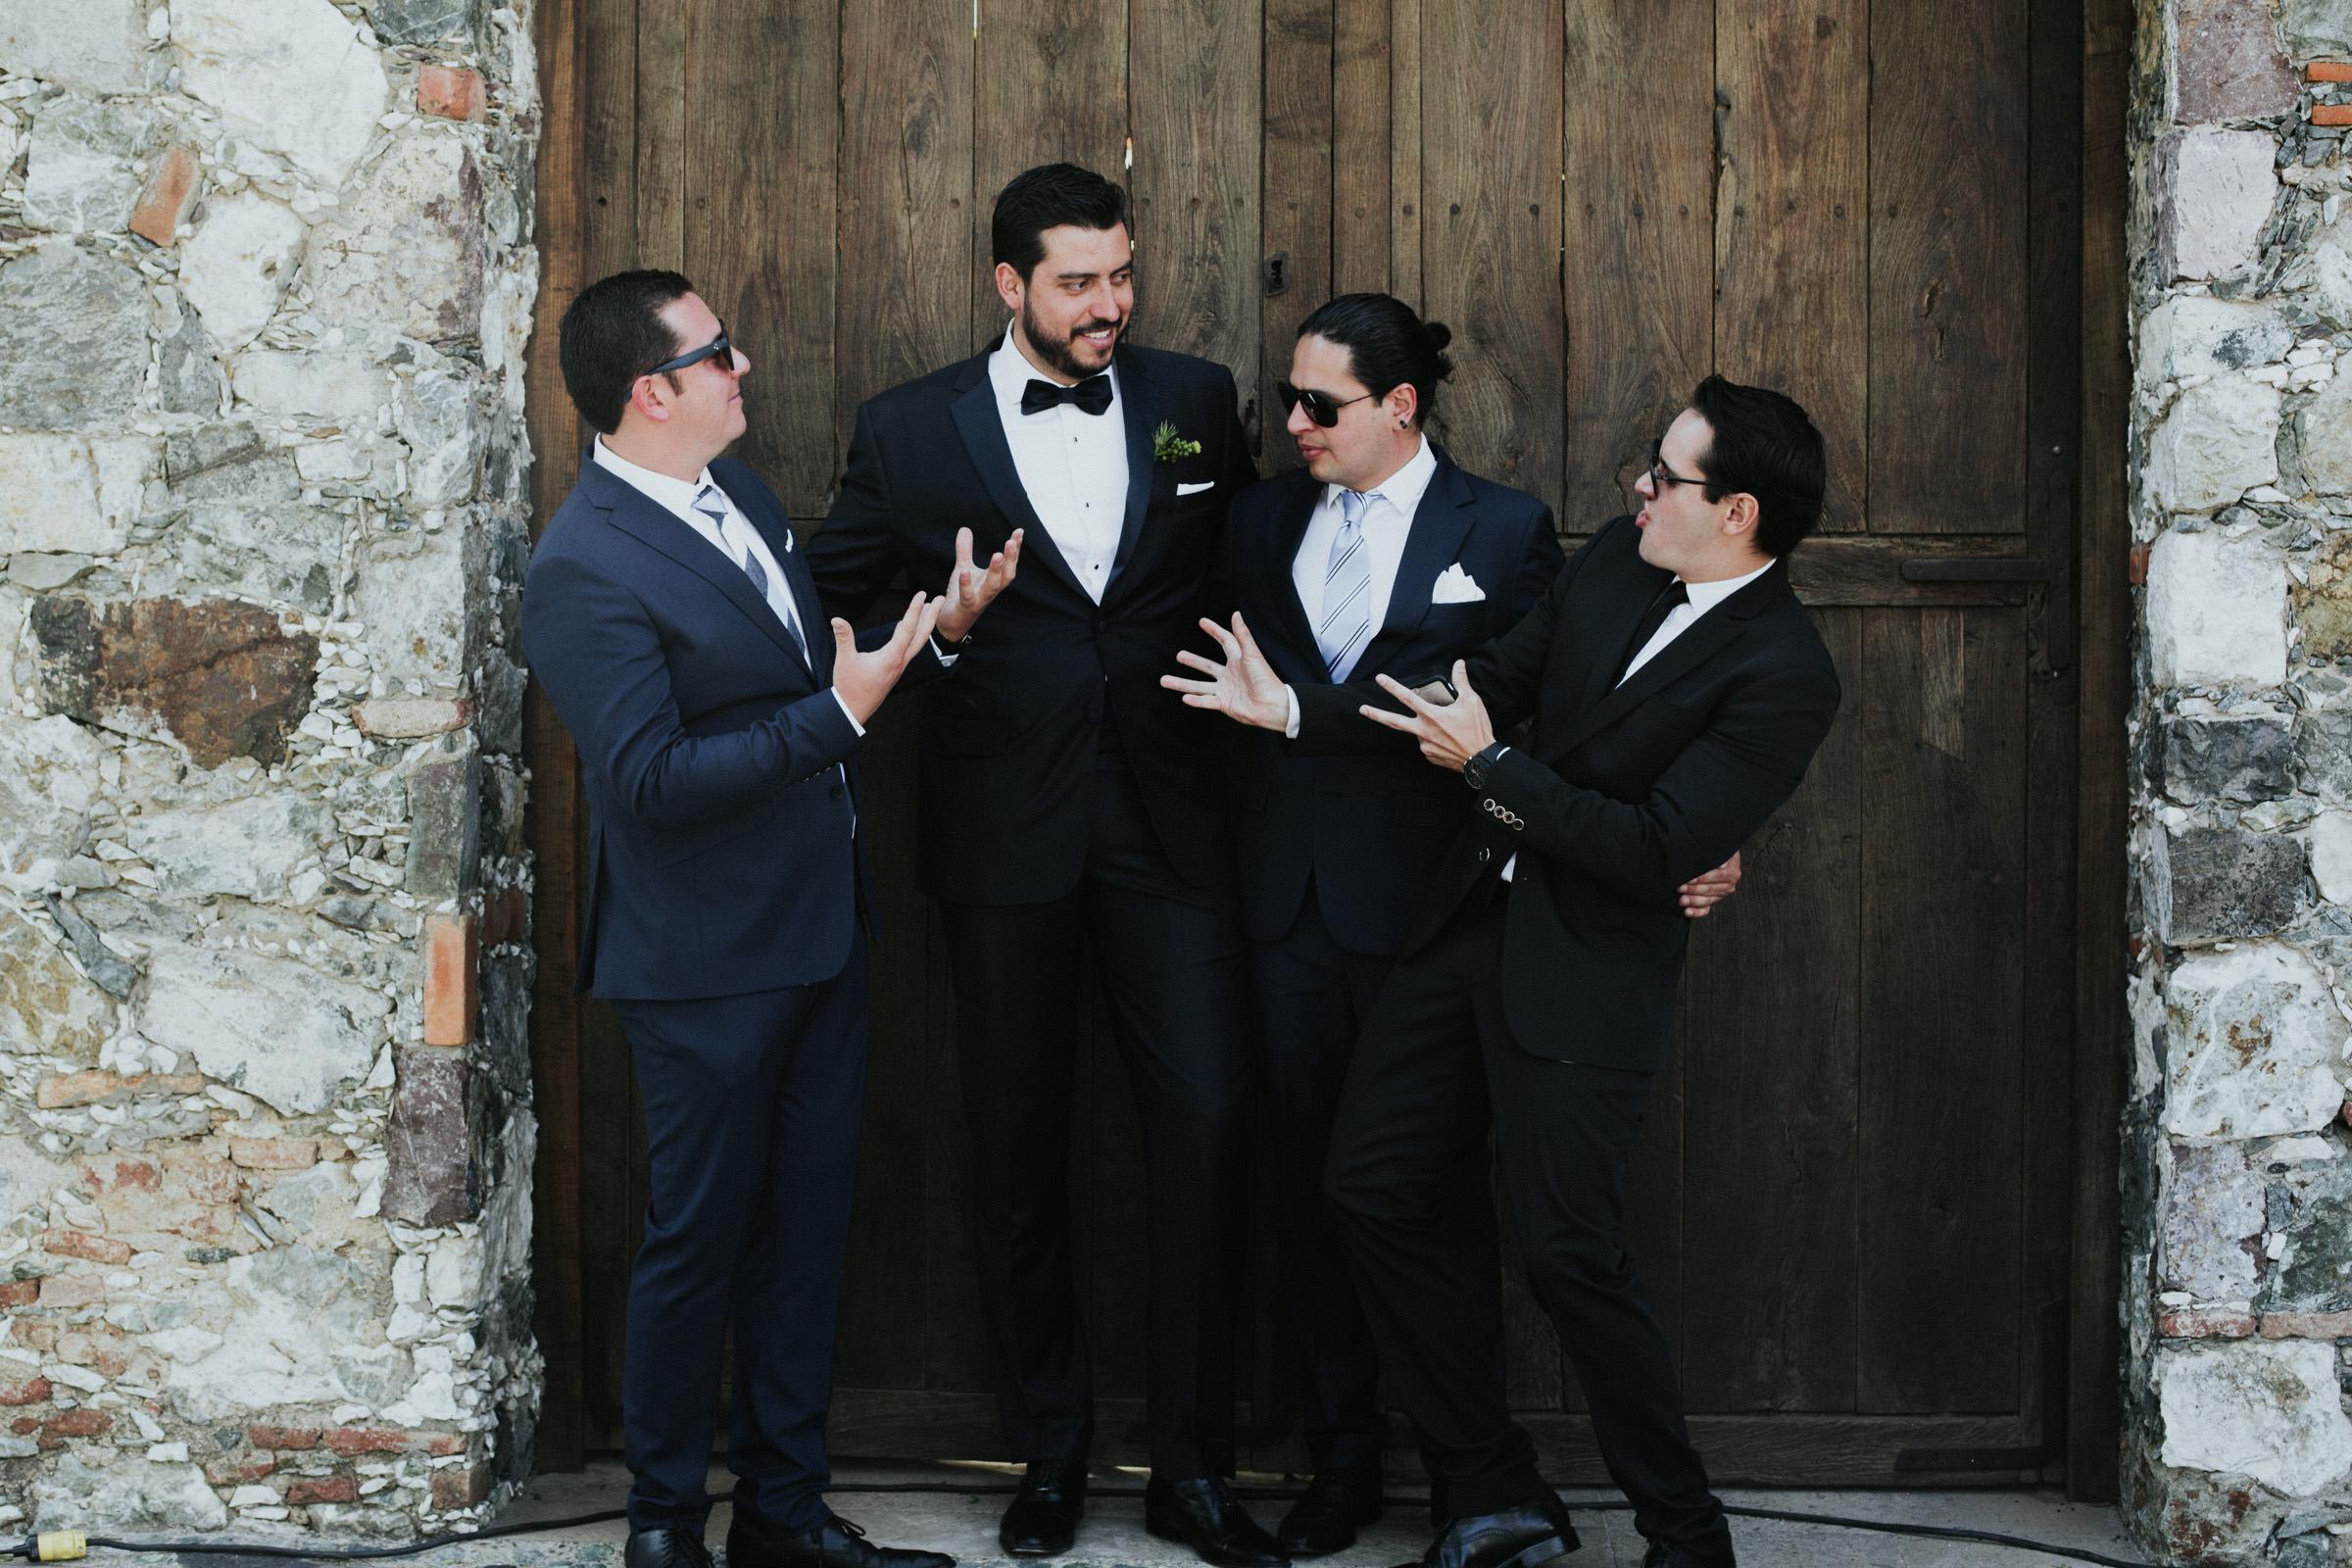 Boda-Guanajuato-Camino-de-Vinos-San-Miguel-Allende-Wedding-Fotografia-Paulina-Mauricio-Pierce0148.JPG